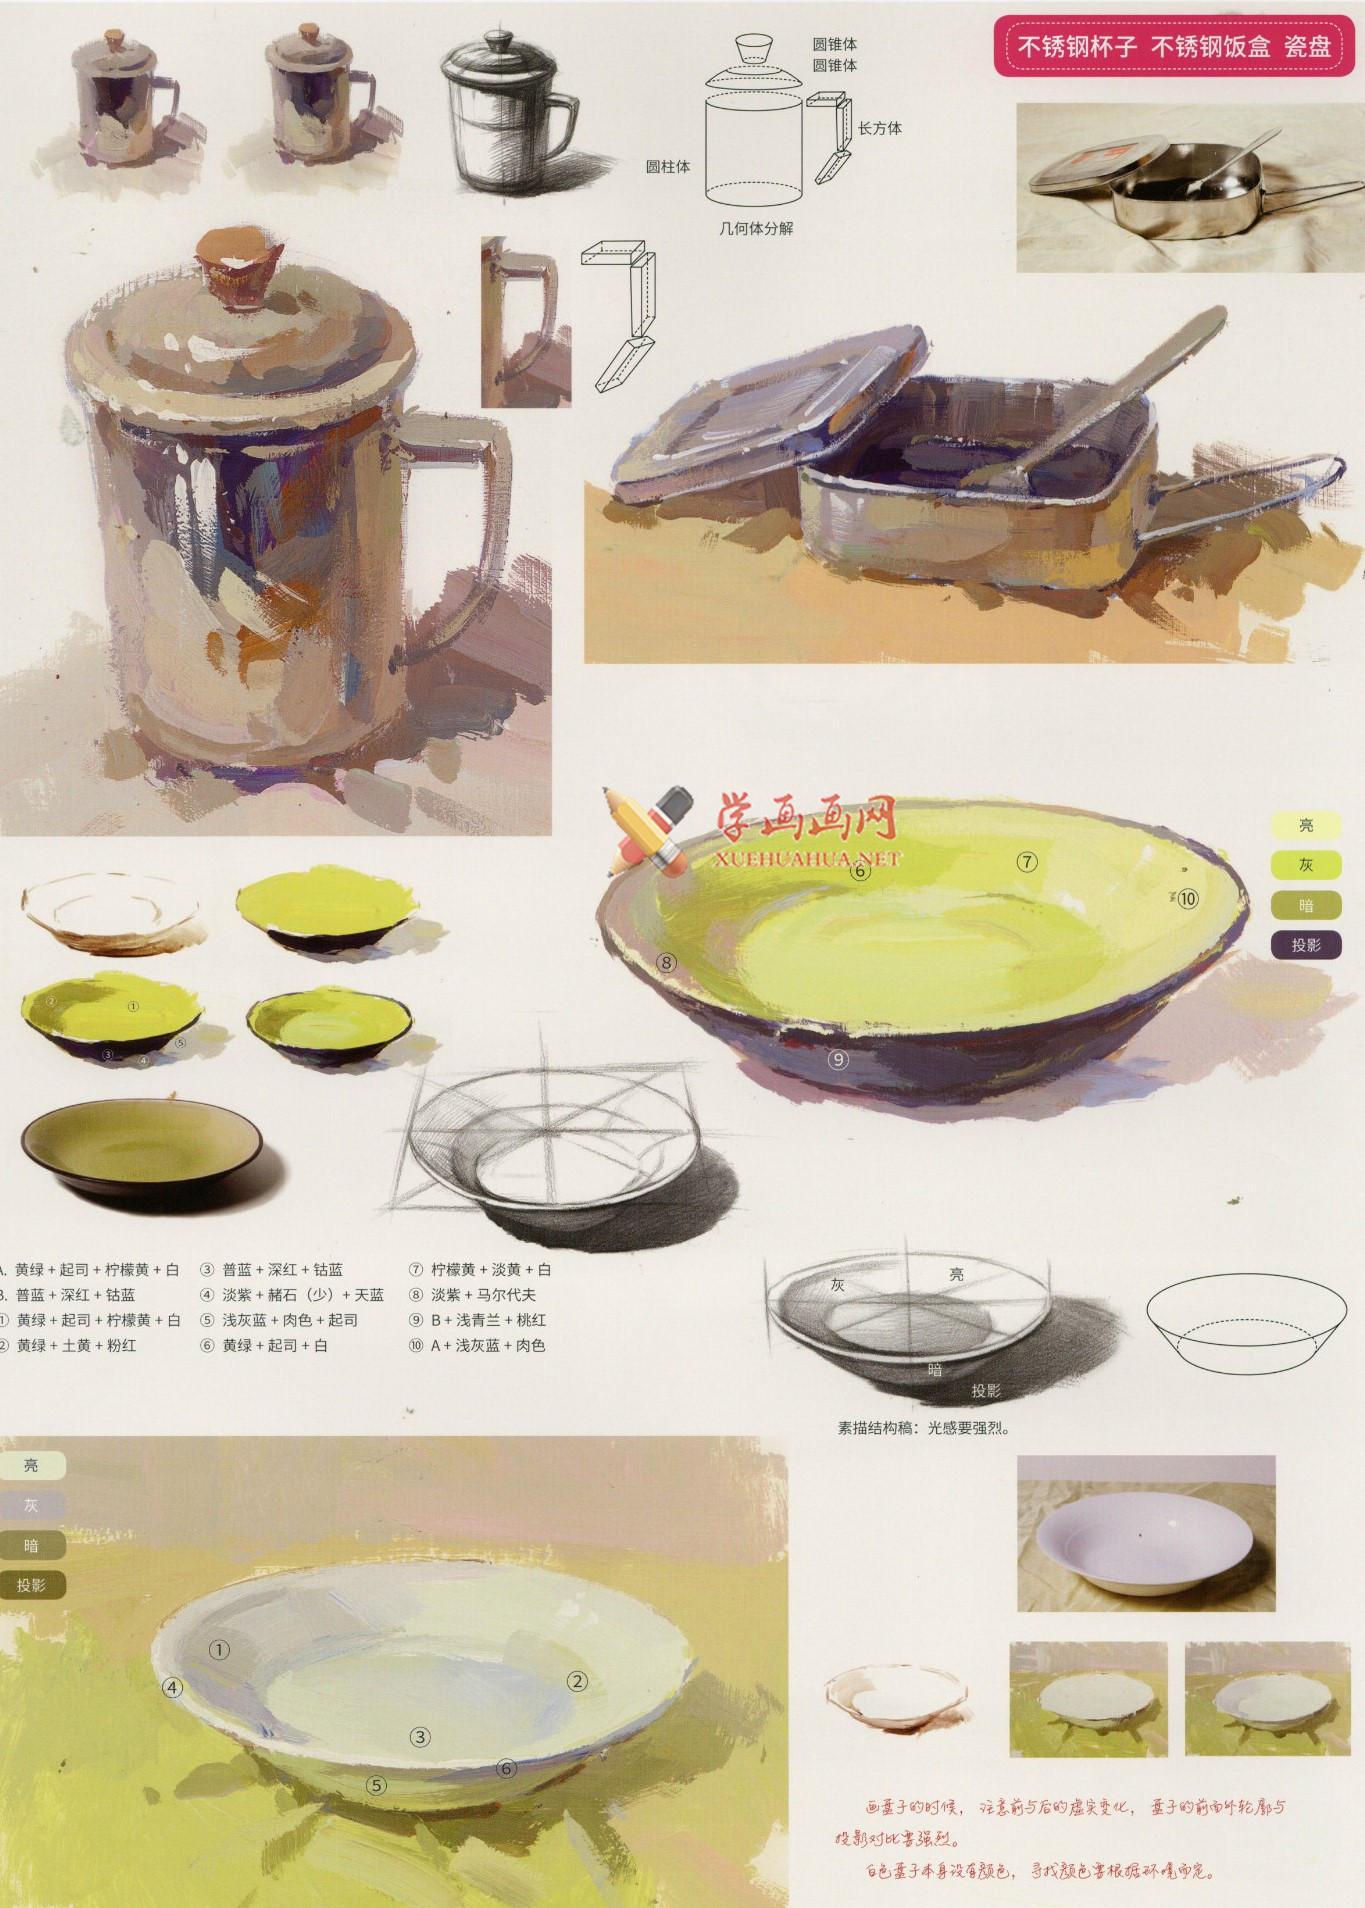 水粉画不锈钢物体的画法要点_水粉画不锈钢物体范画临摹素材(3)